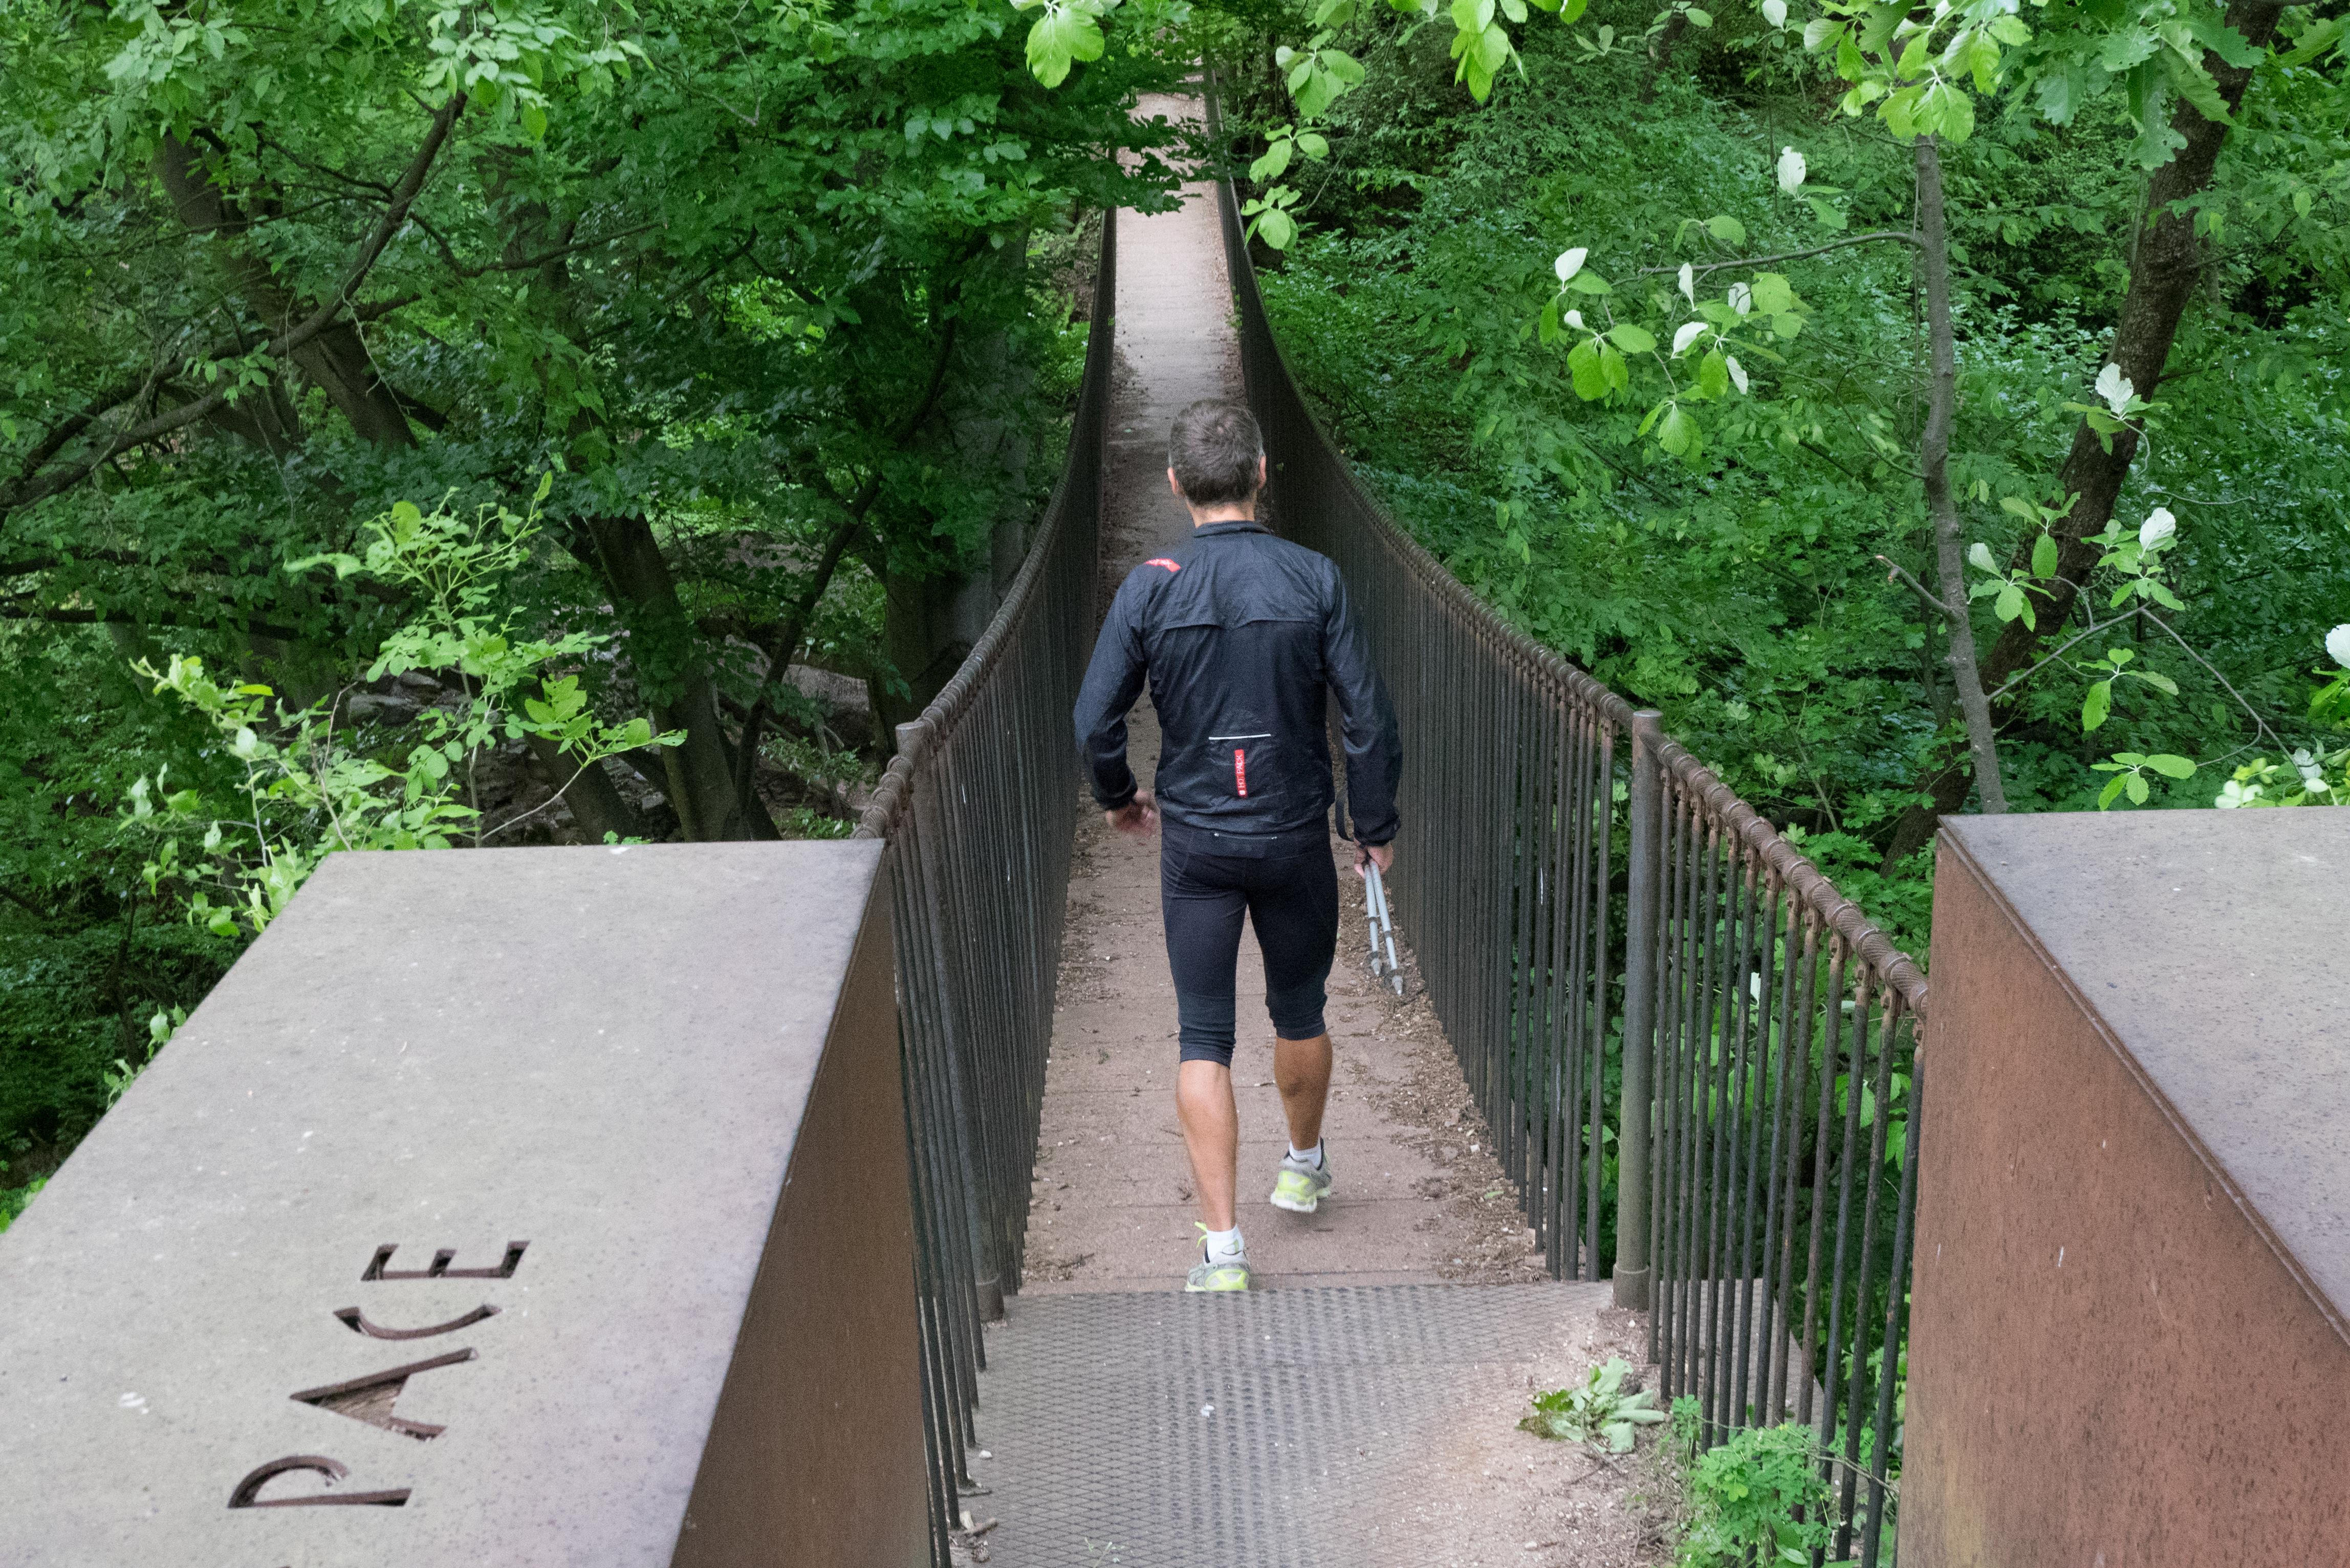 Hängebrücke in Altenburg – Panasonic GM1 mit Kitobjektiv 12-32 mm. 22 mm (KB 44 mm), f/7.1 – 1/60 s – ISO 3200. Starkes Bildrauschen bei ISO 3200, aber trotzdem brauchbares Foto.